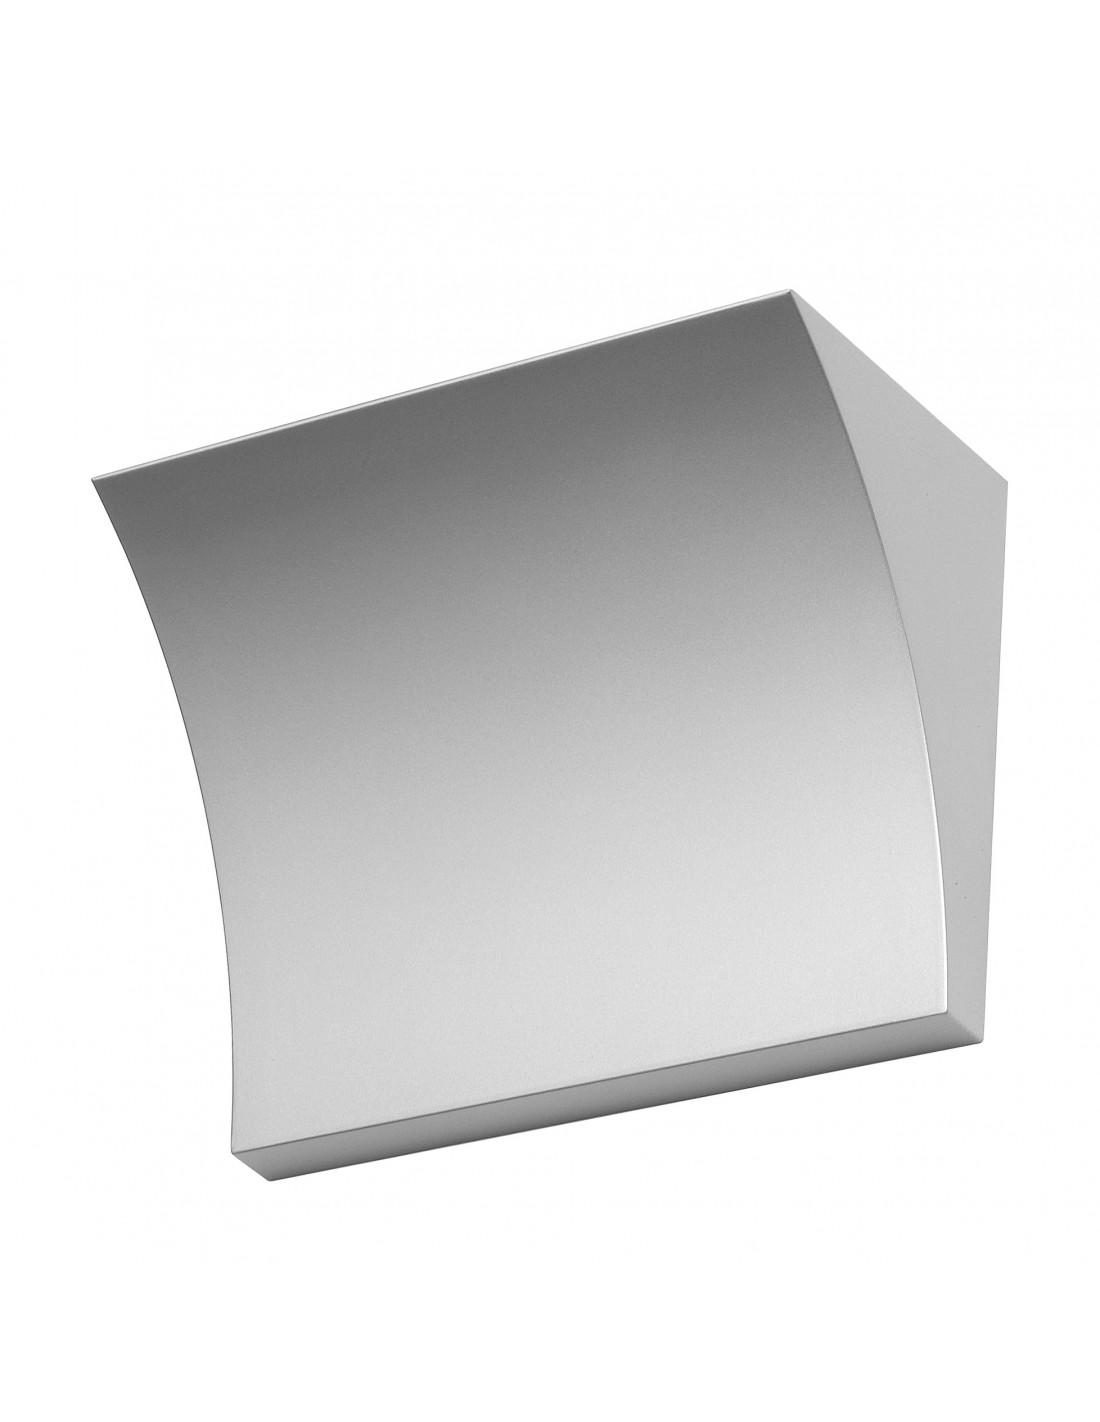 Applique Pochette Up&Down gris flos Valente Design